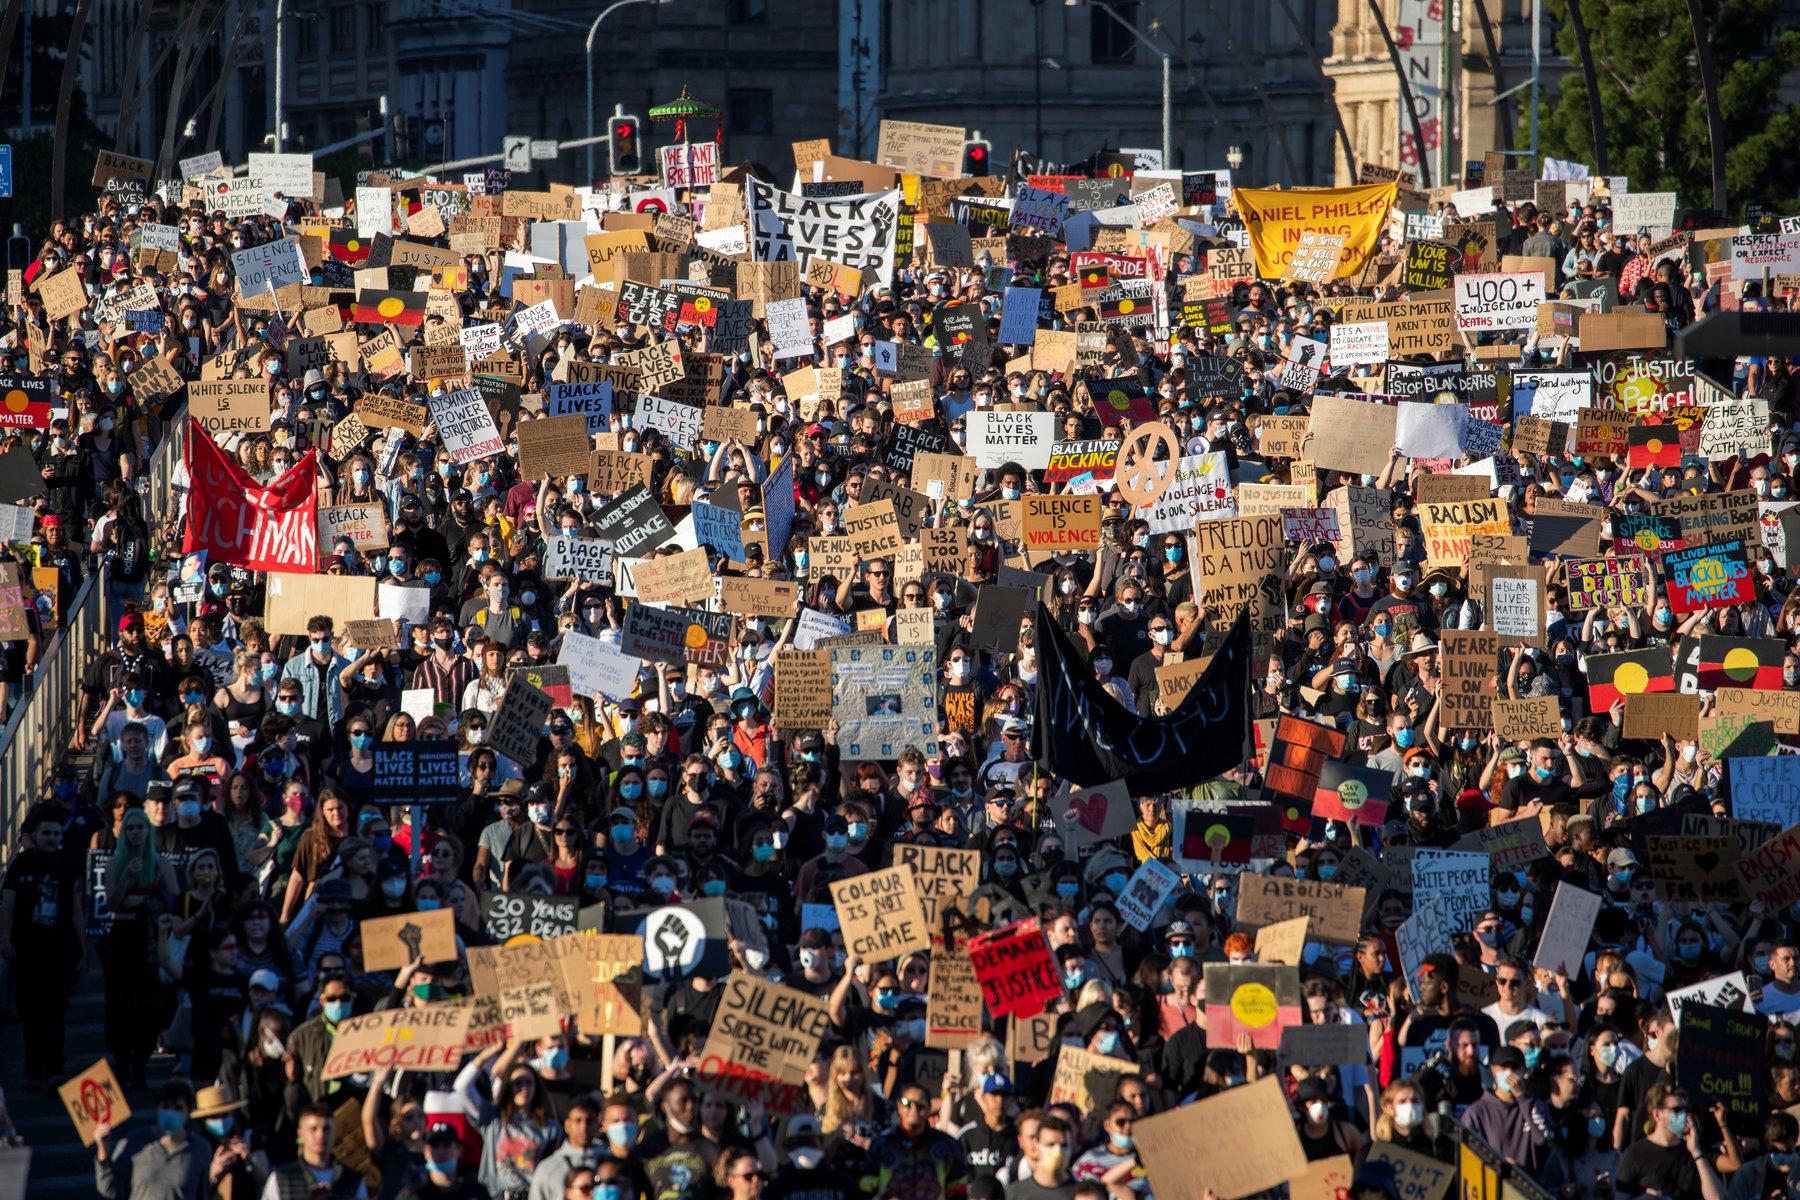 Según expertos, es poco probable una gran ola de contagios por COVID-19 debido a las protestas